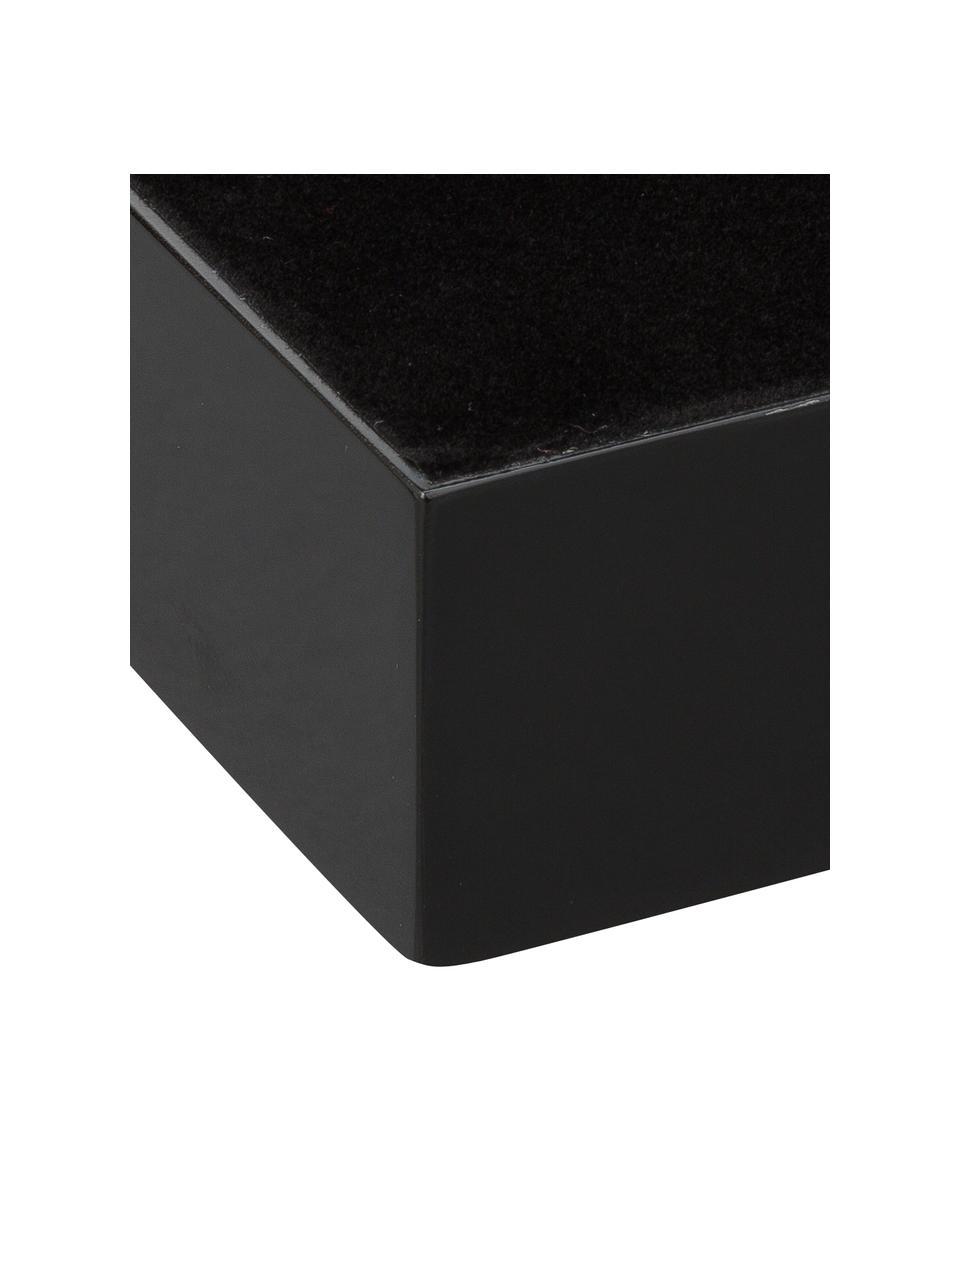 Hochglanz-Tablett Hayley in Schwarz, L 50 cm, B 35 cm, Tablett: Mitteldichte Holzfaserpla, Unterseite: Samt, Schwarz, Unterseite: Schwarz, L 50 cm